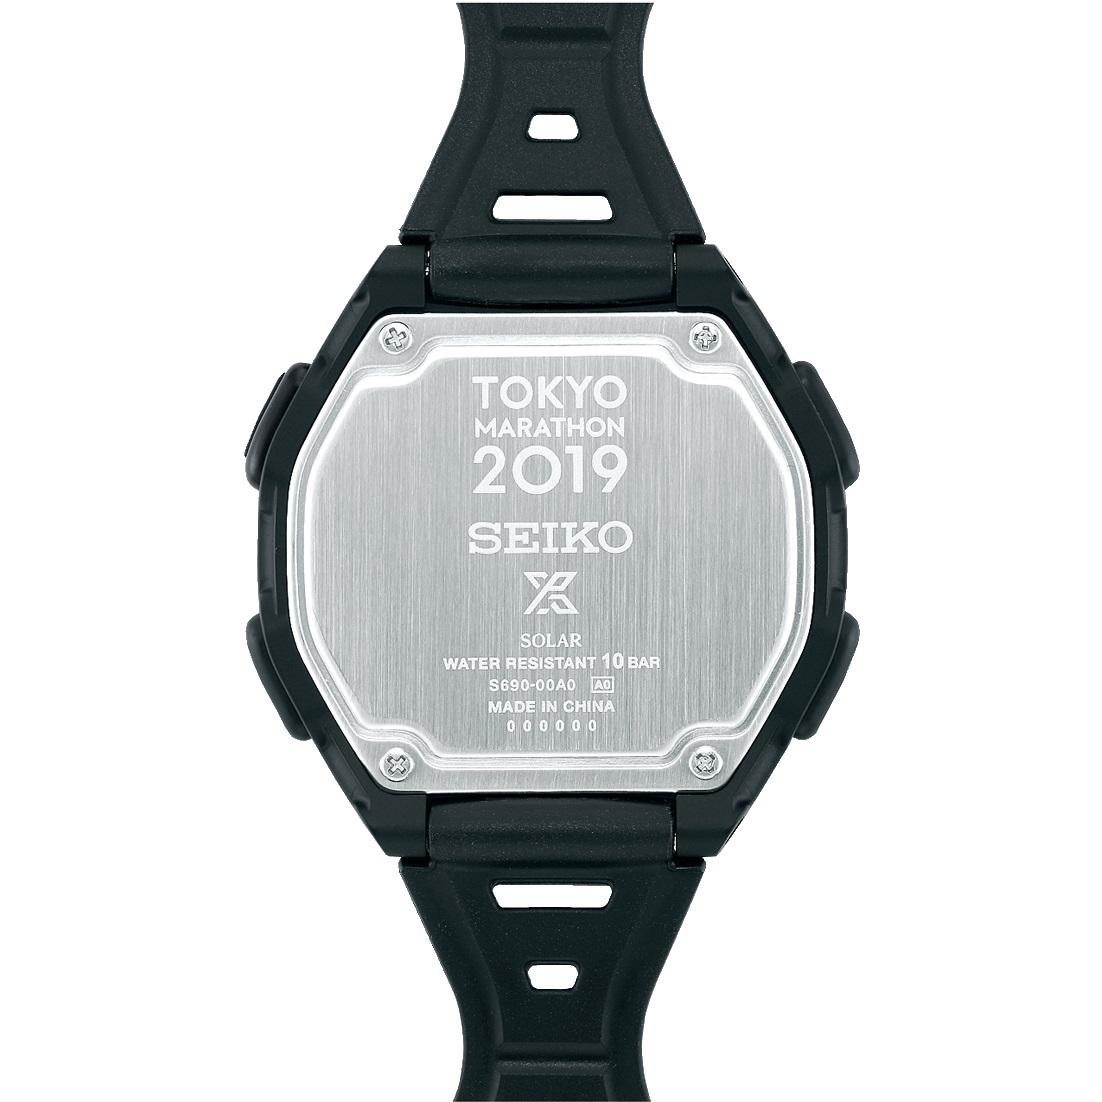 セイコー SEIKO「<セイコー プロスペックス>スーパーランナーズ ソーラー 東京マラソン2019記念限定モデル」SBEF050